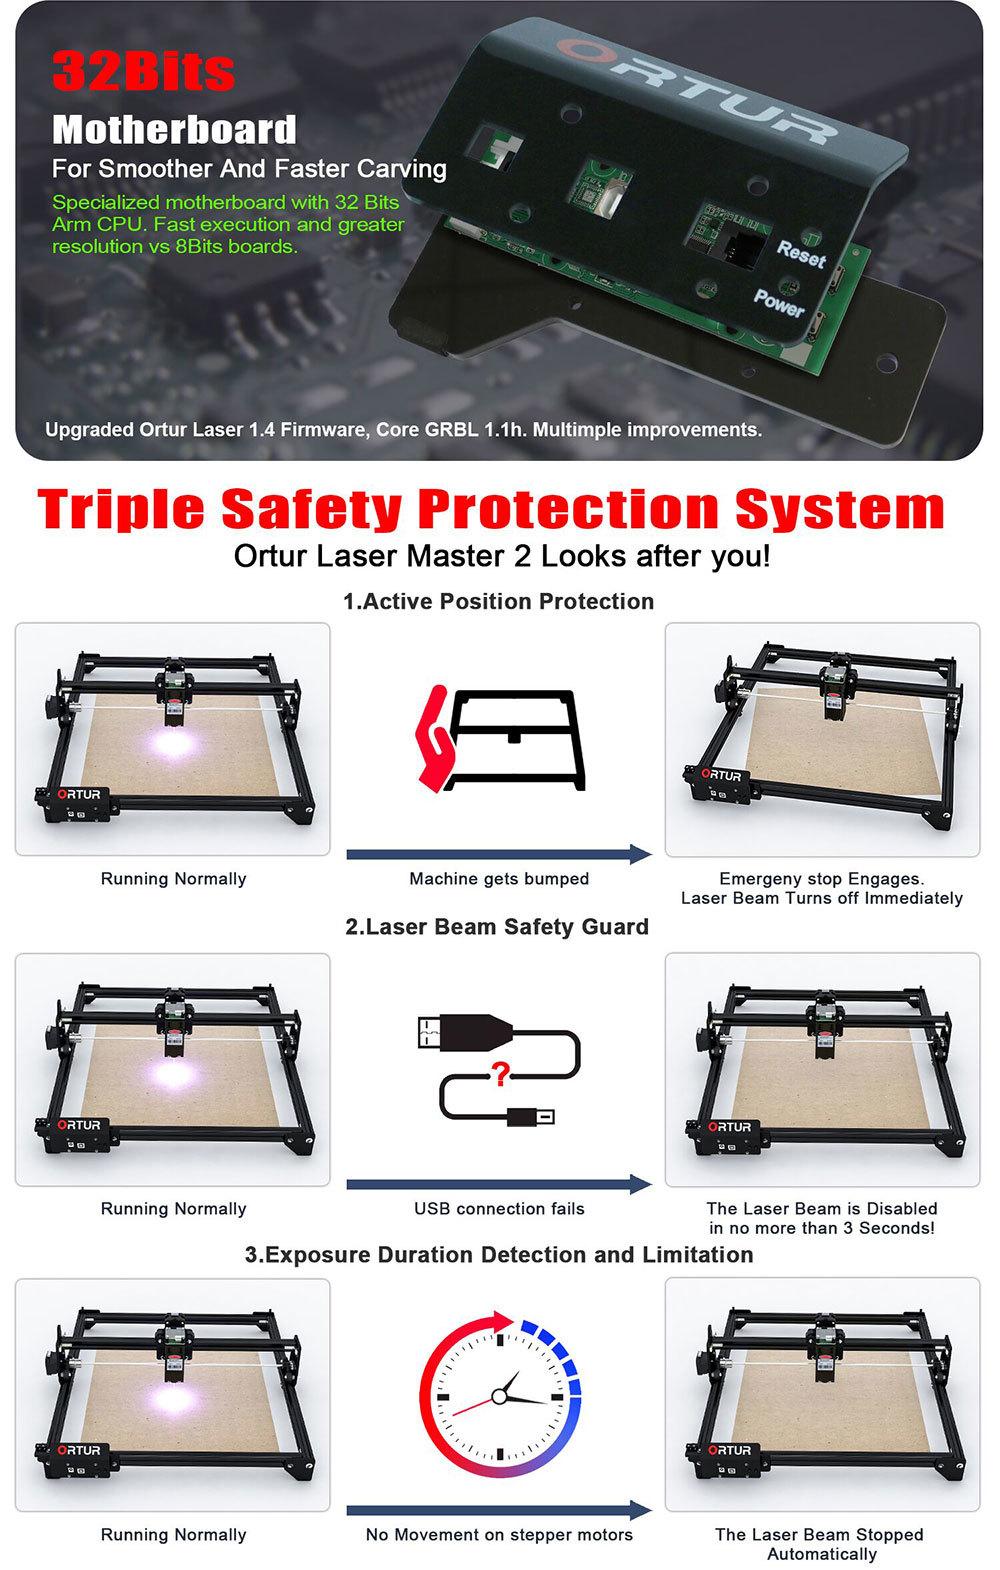 Ortur Laser Master 2